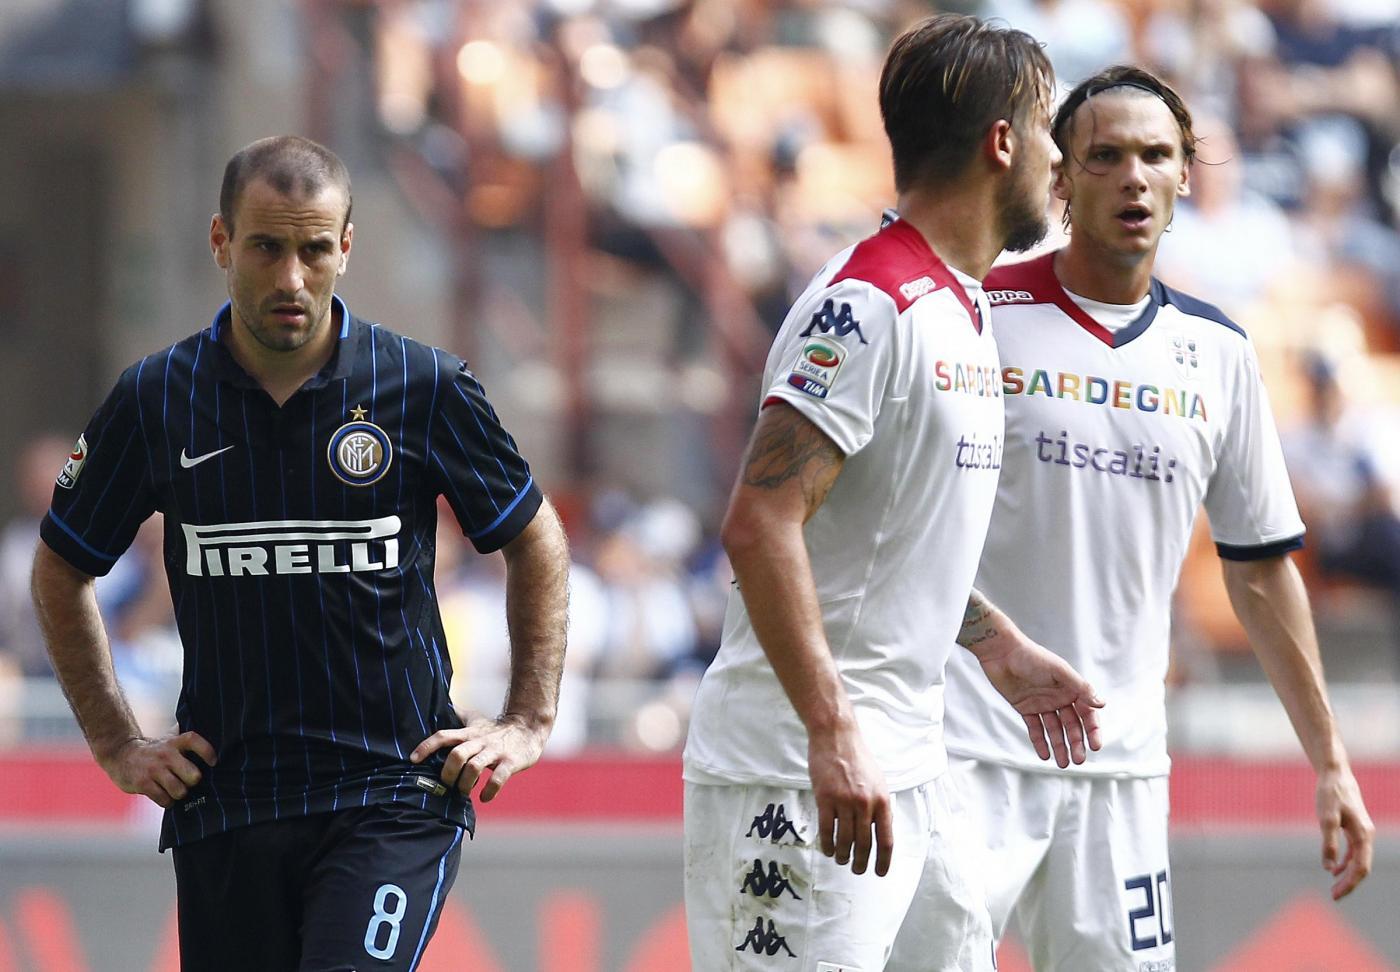 Cagliari vs Inter 1-2: terza vittoria di fila per Mancini